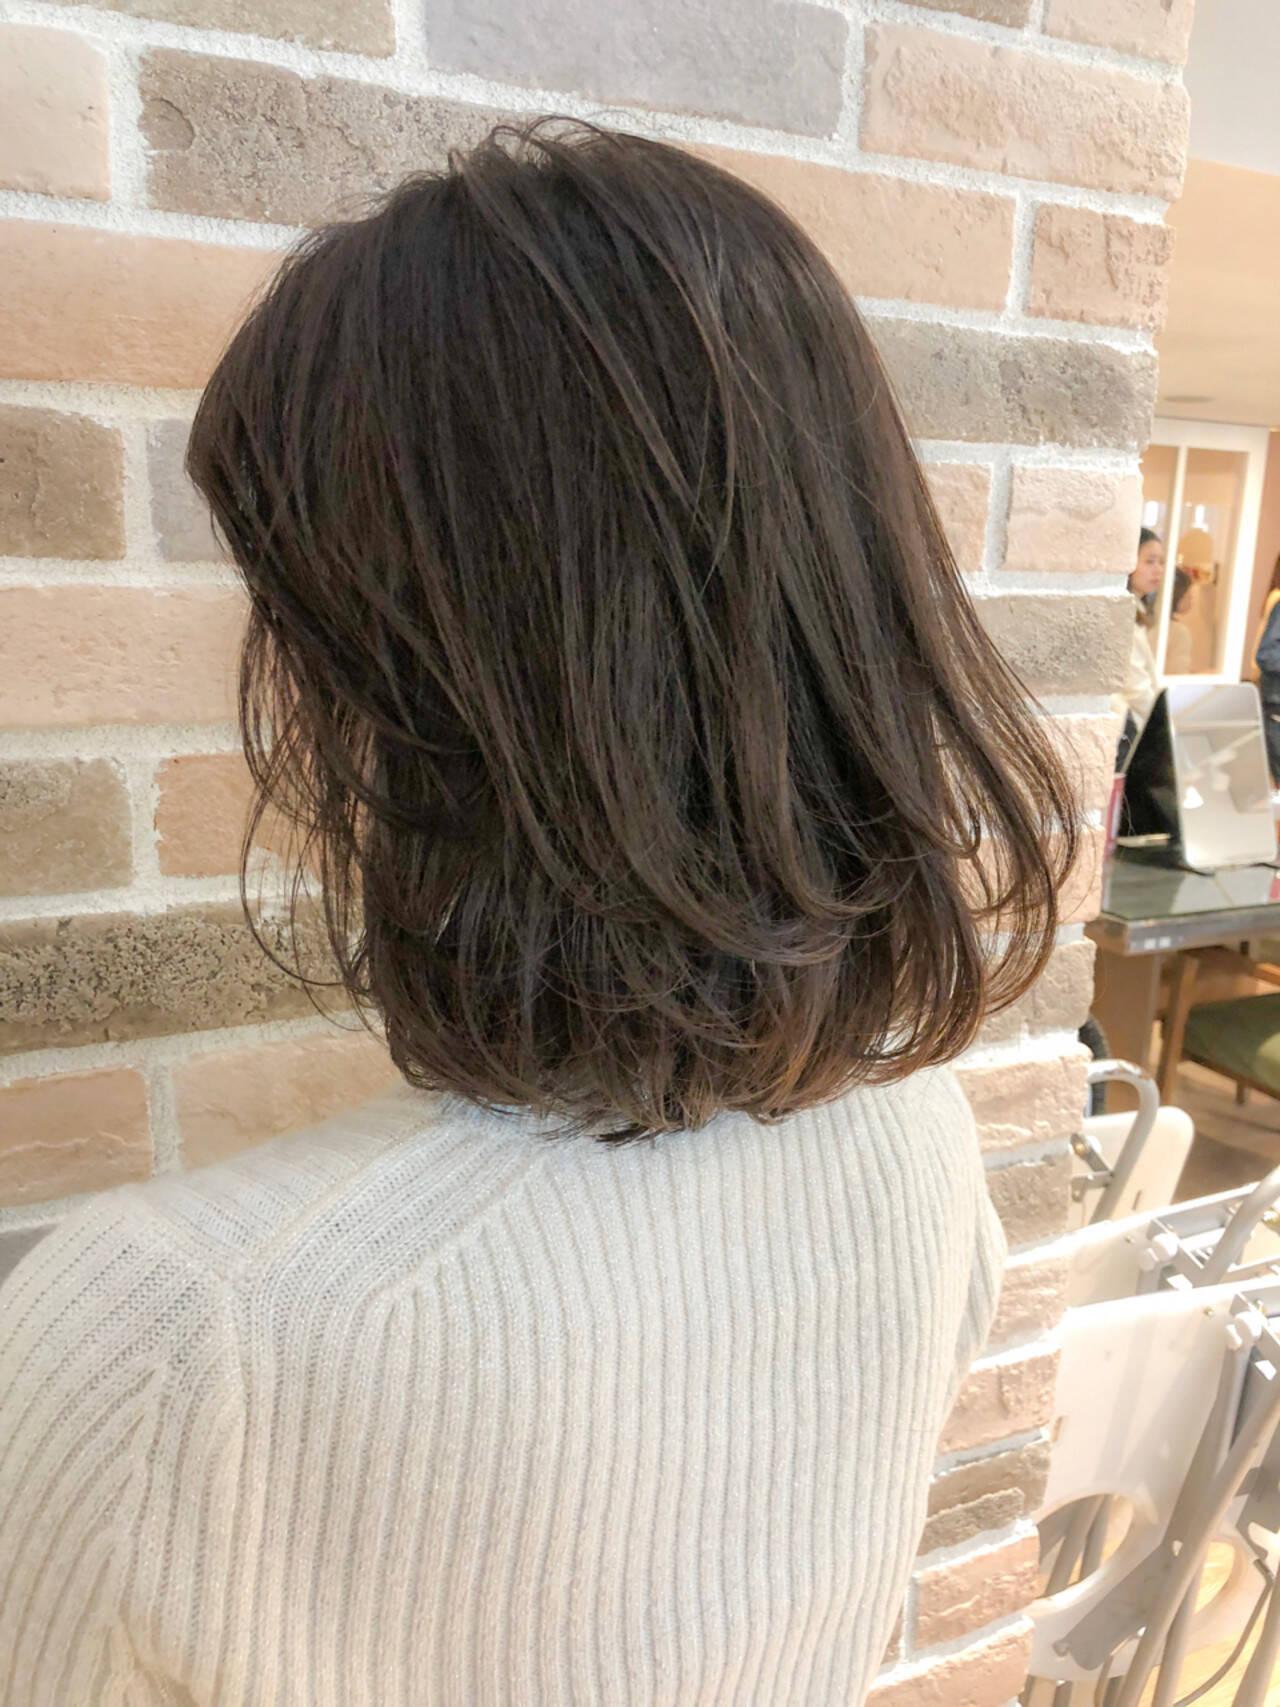 ロブ デート ワンカール オフィスヘアスタイルや髪型の写真・画像